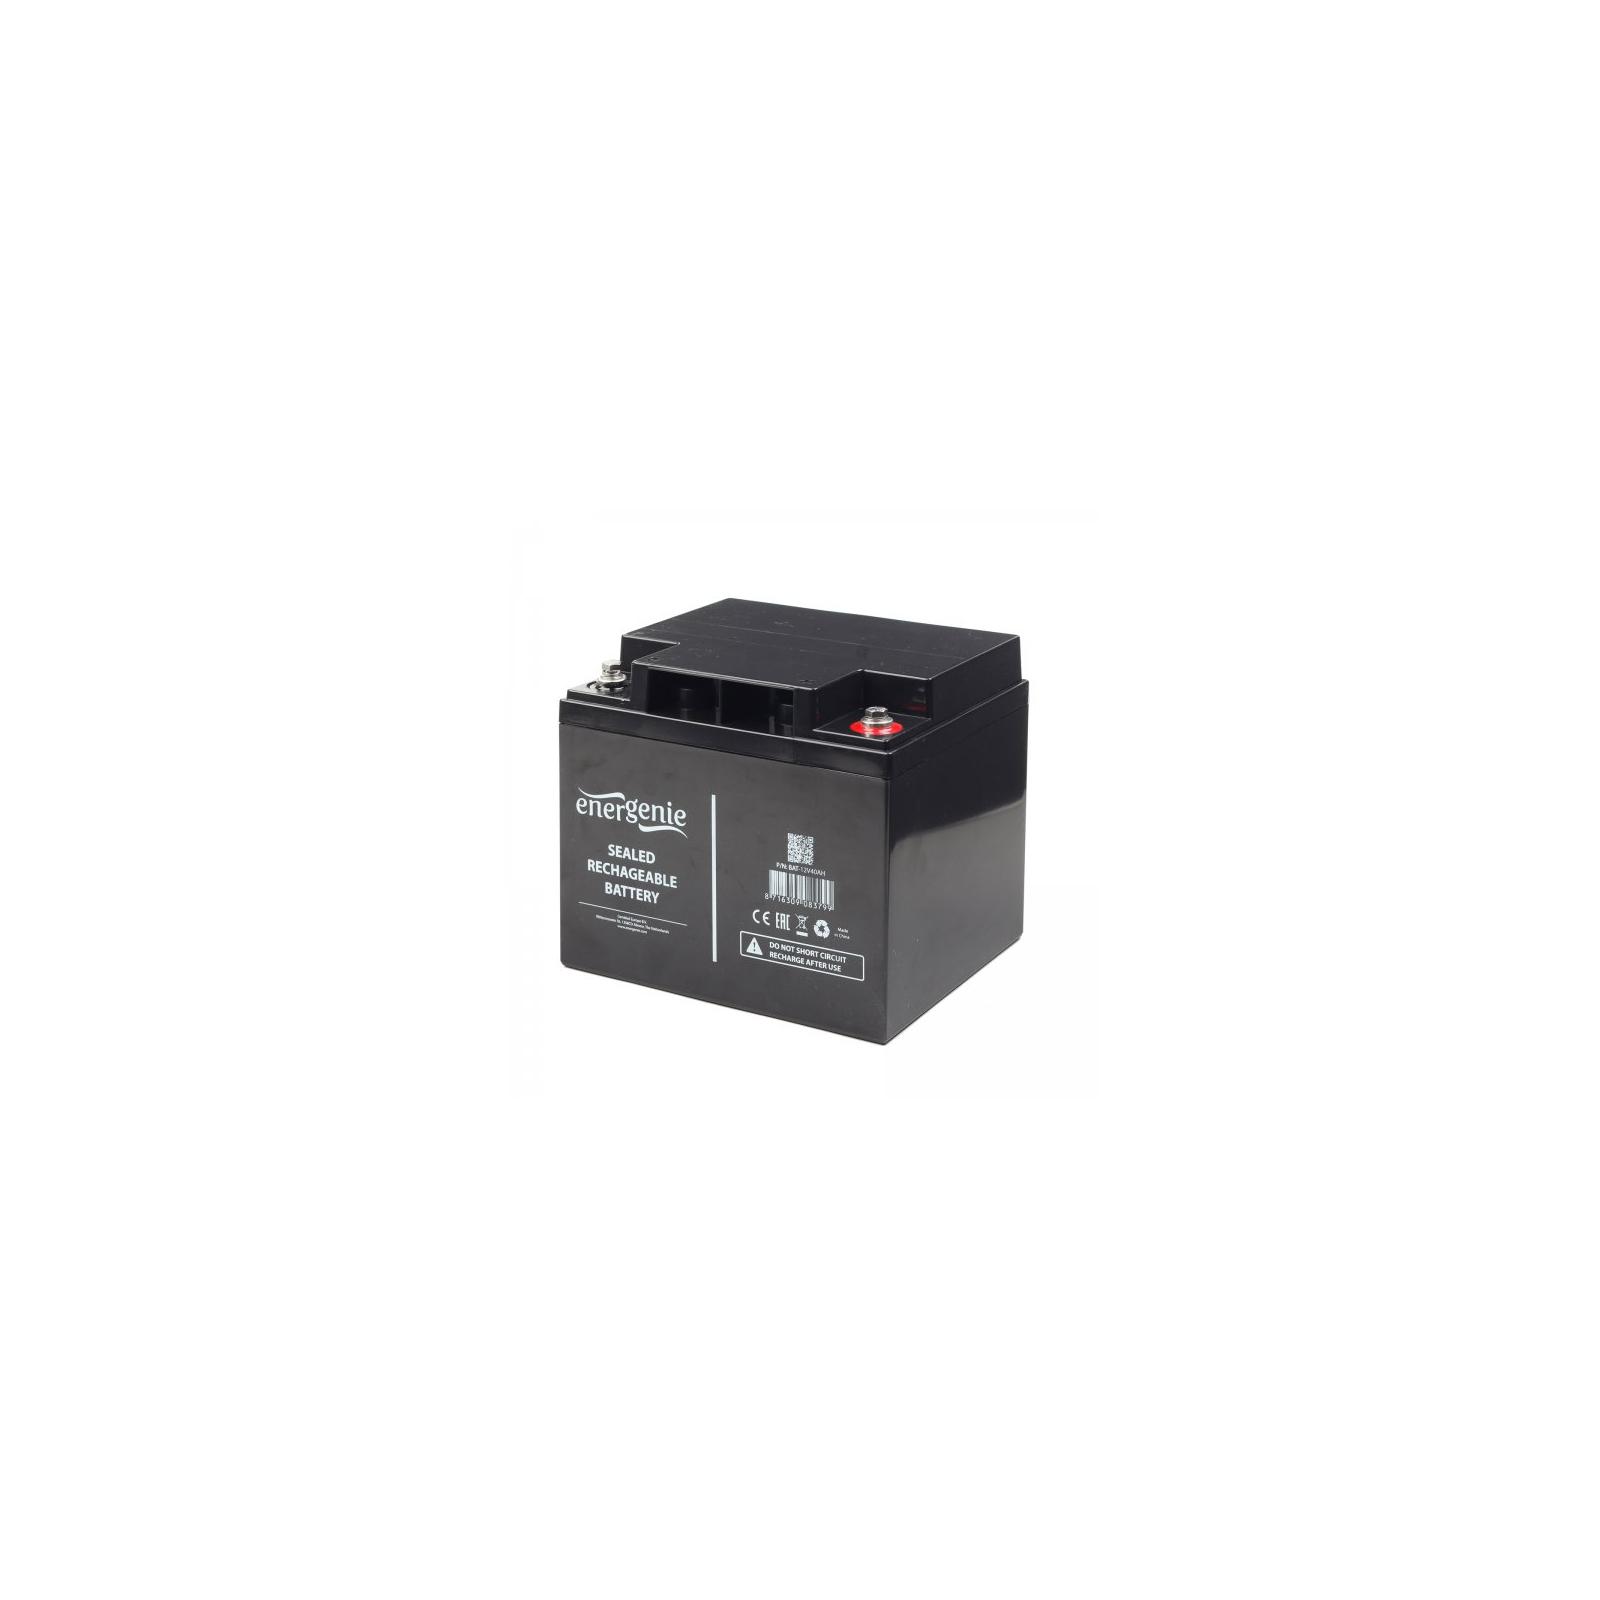 Батарея к ИБП EnerGenie 12В 33 Ач (BAT-12V33AH)